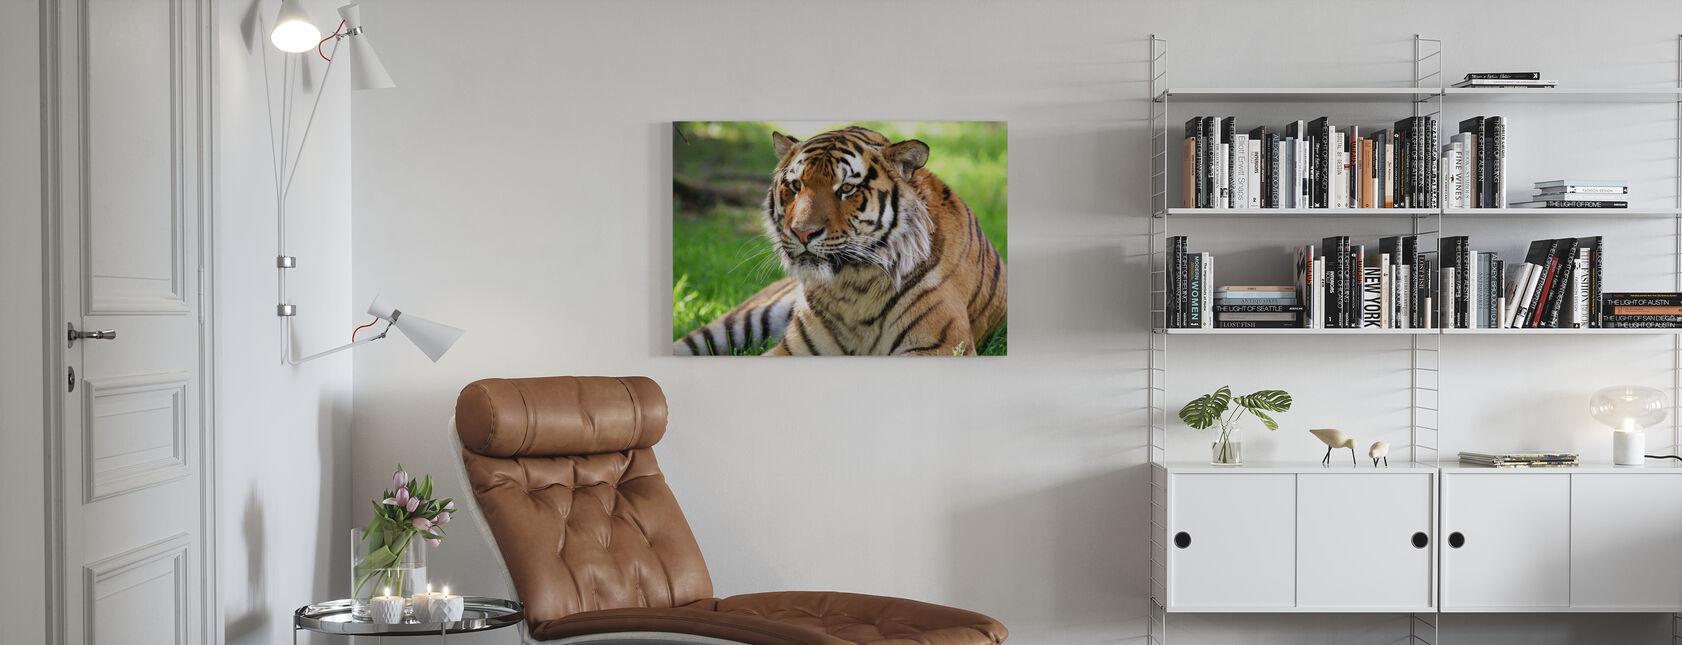 Tiger - Canvas print - Living Room